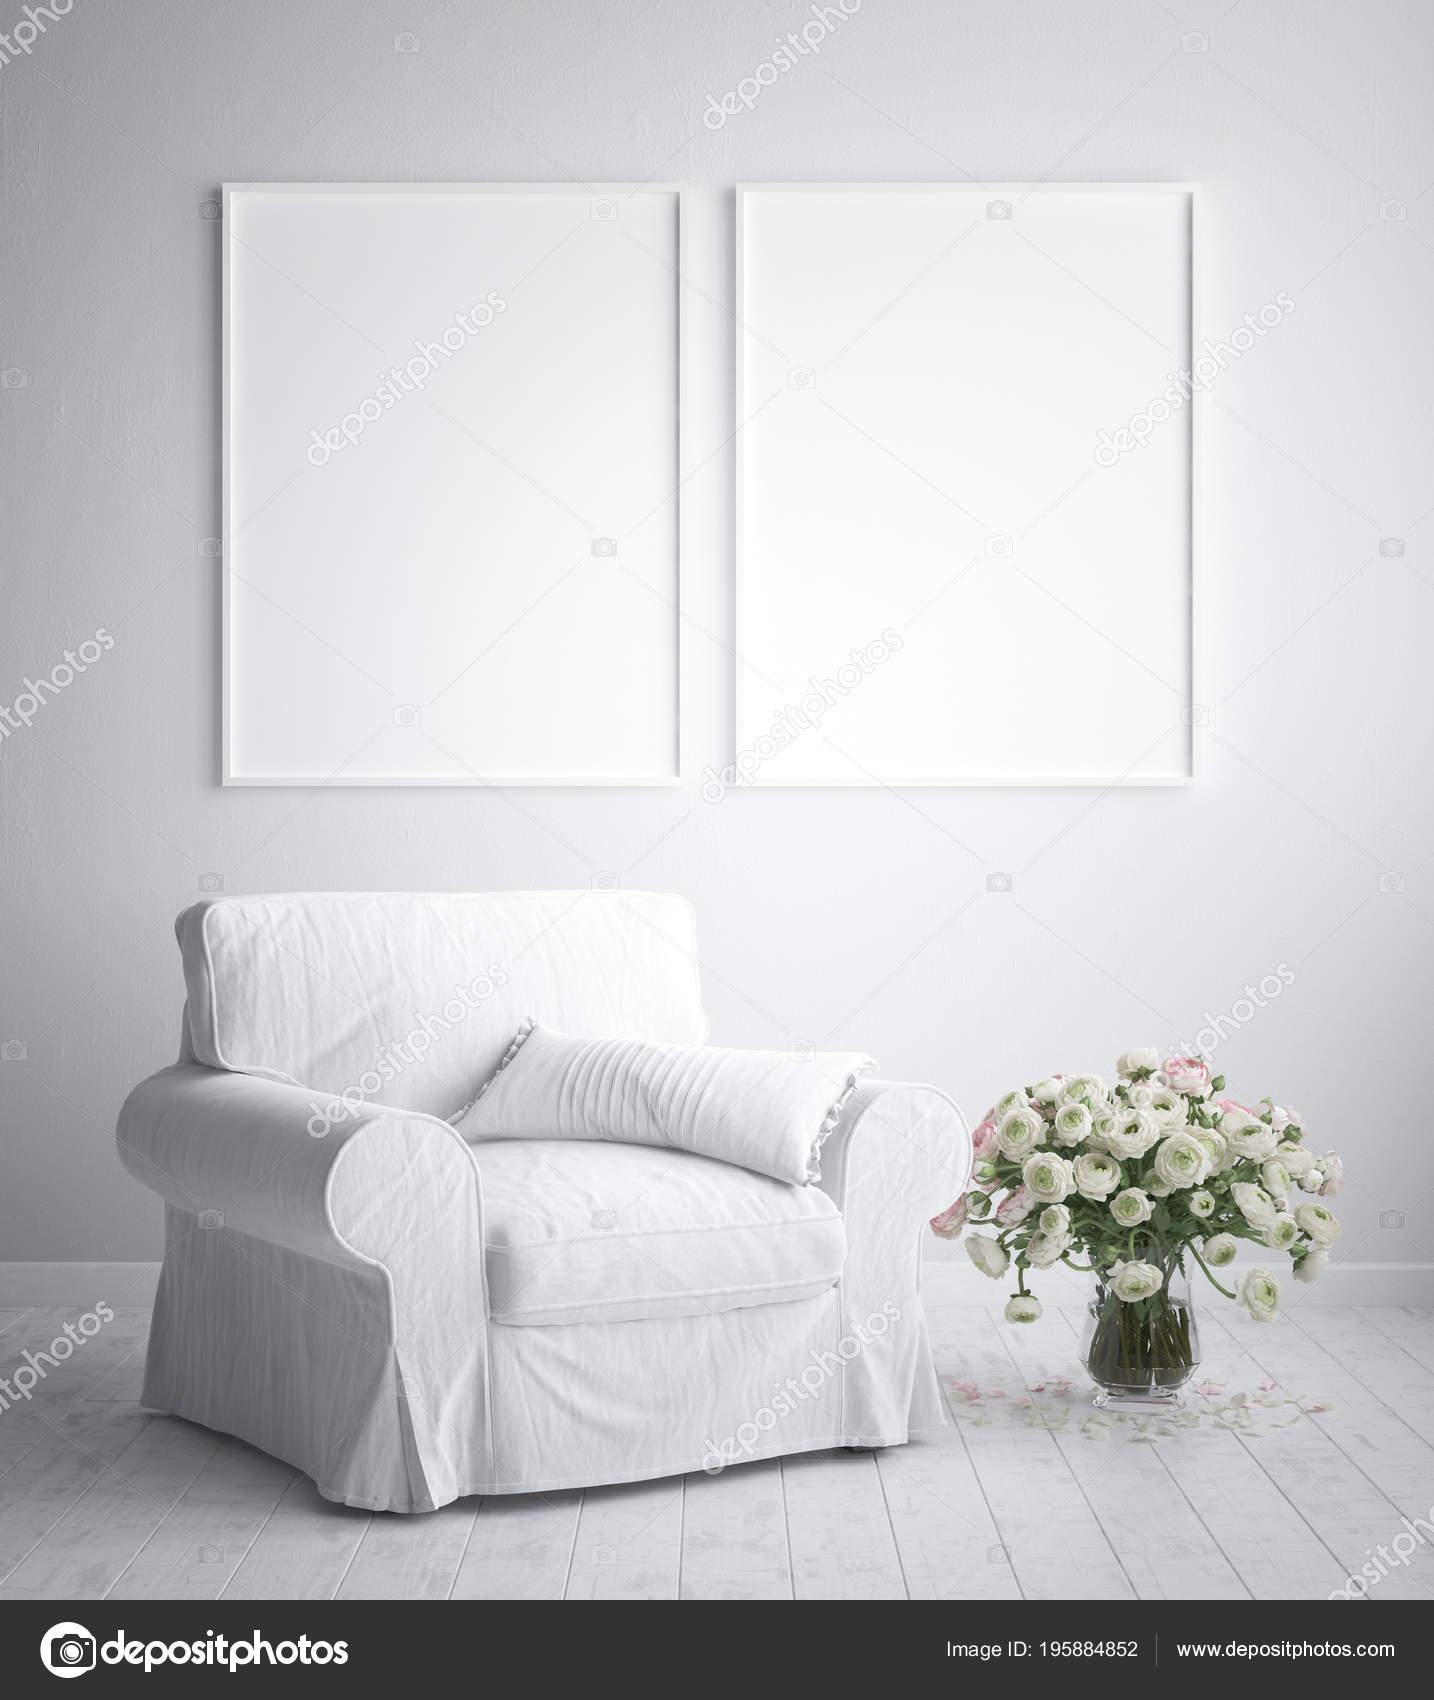 maquette affiche cadre fond intérieur style scandinave rendu